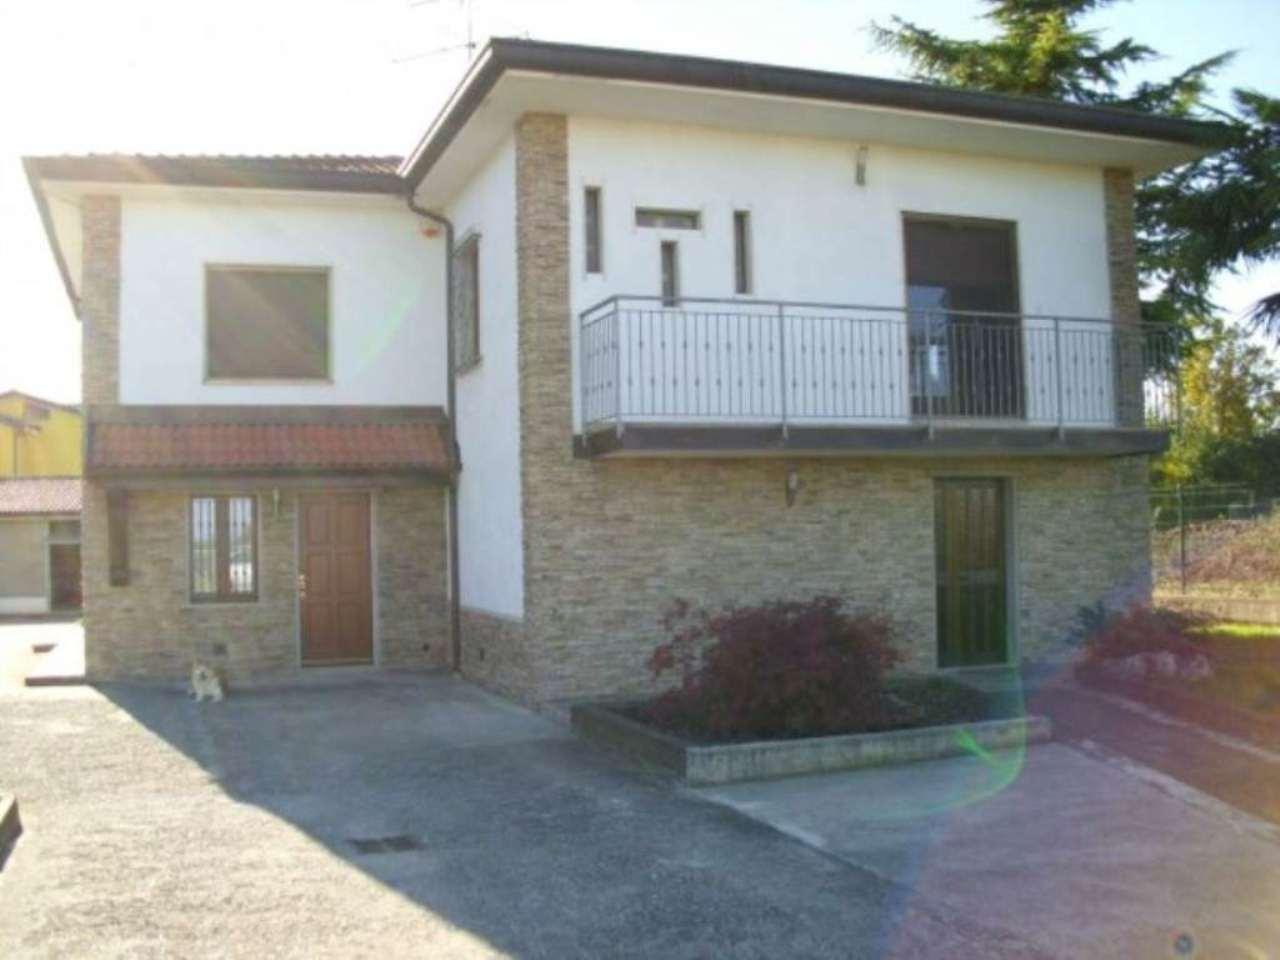 Villa in vendita a Isso, 3 locali, prezzo € 295.000 | Cambio Casa.it